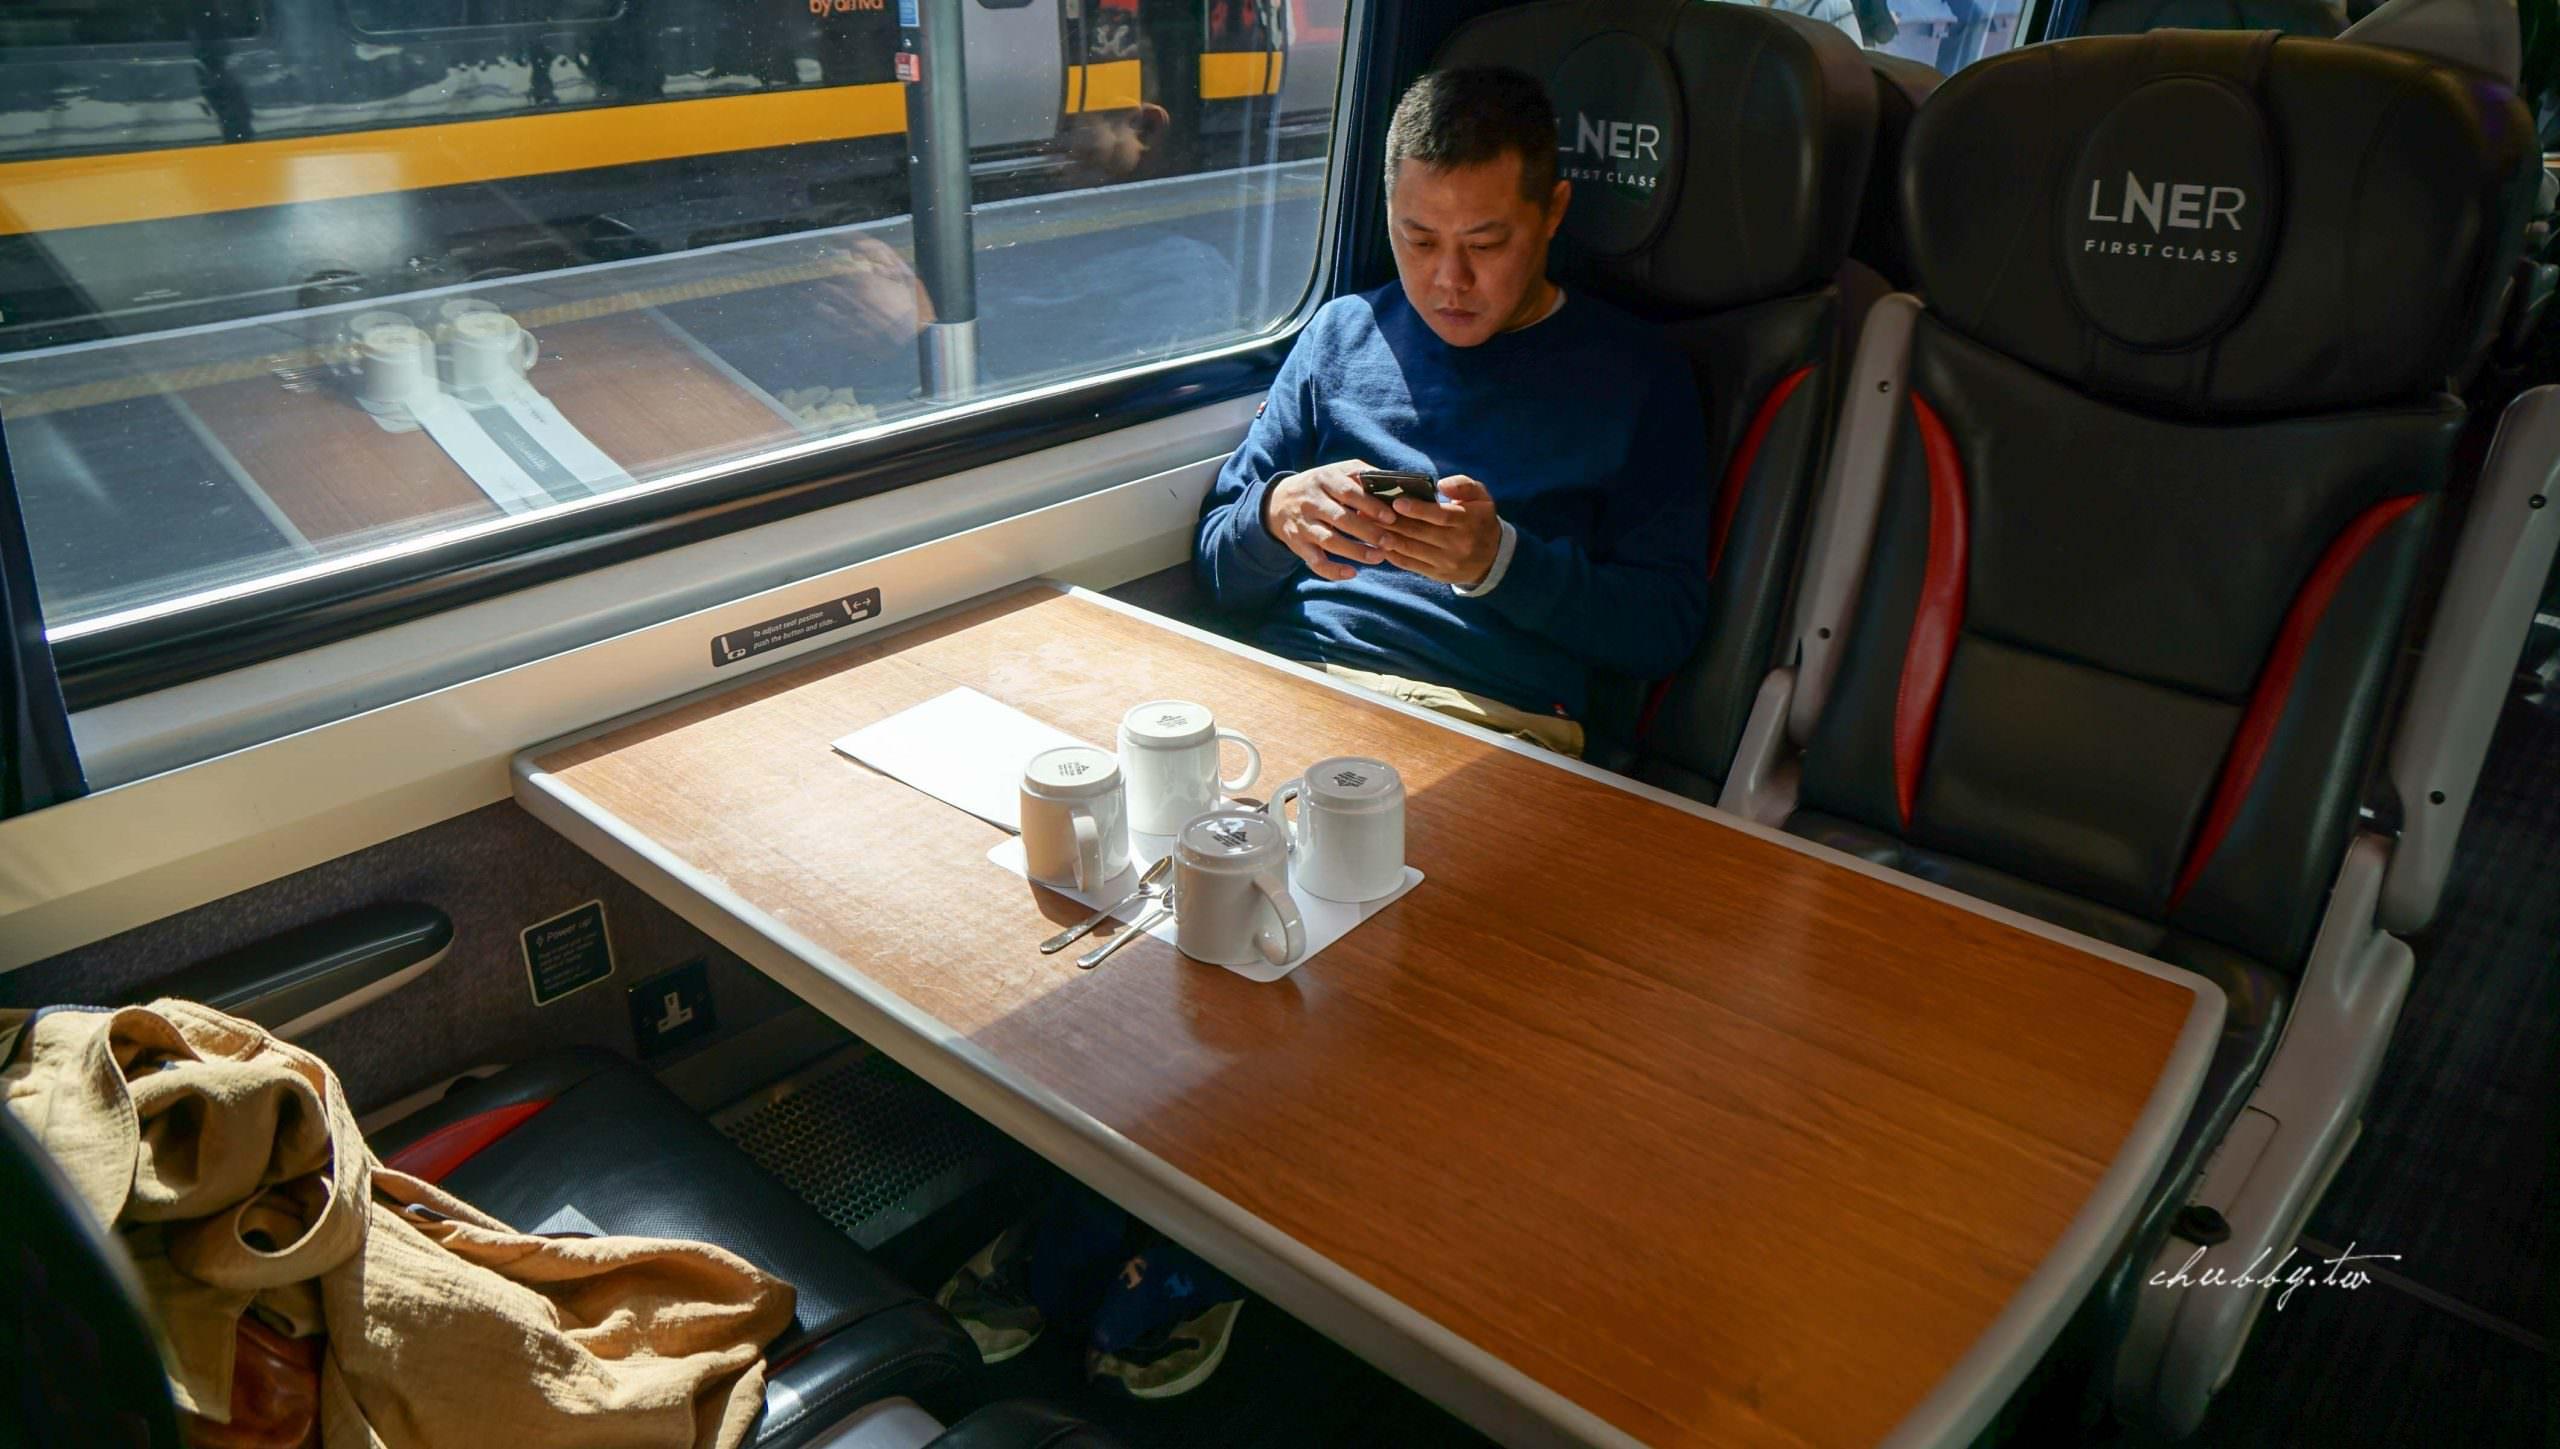 英國火車LNER頭等艙、LNER貴賓室搭乘經驗分享:在頭等艙享用下午茶!